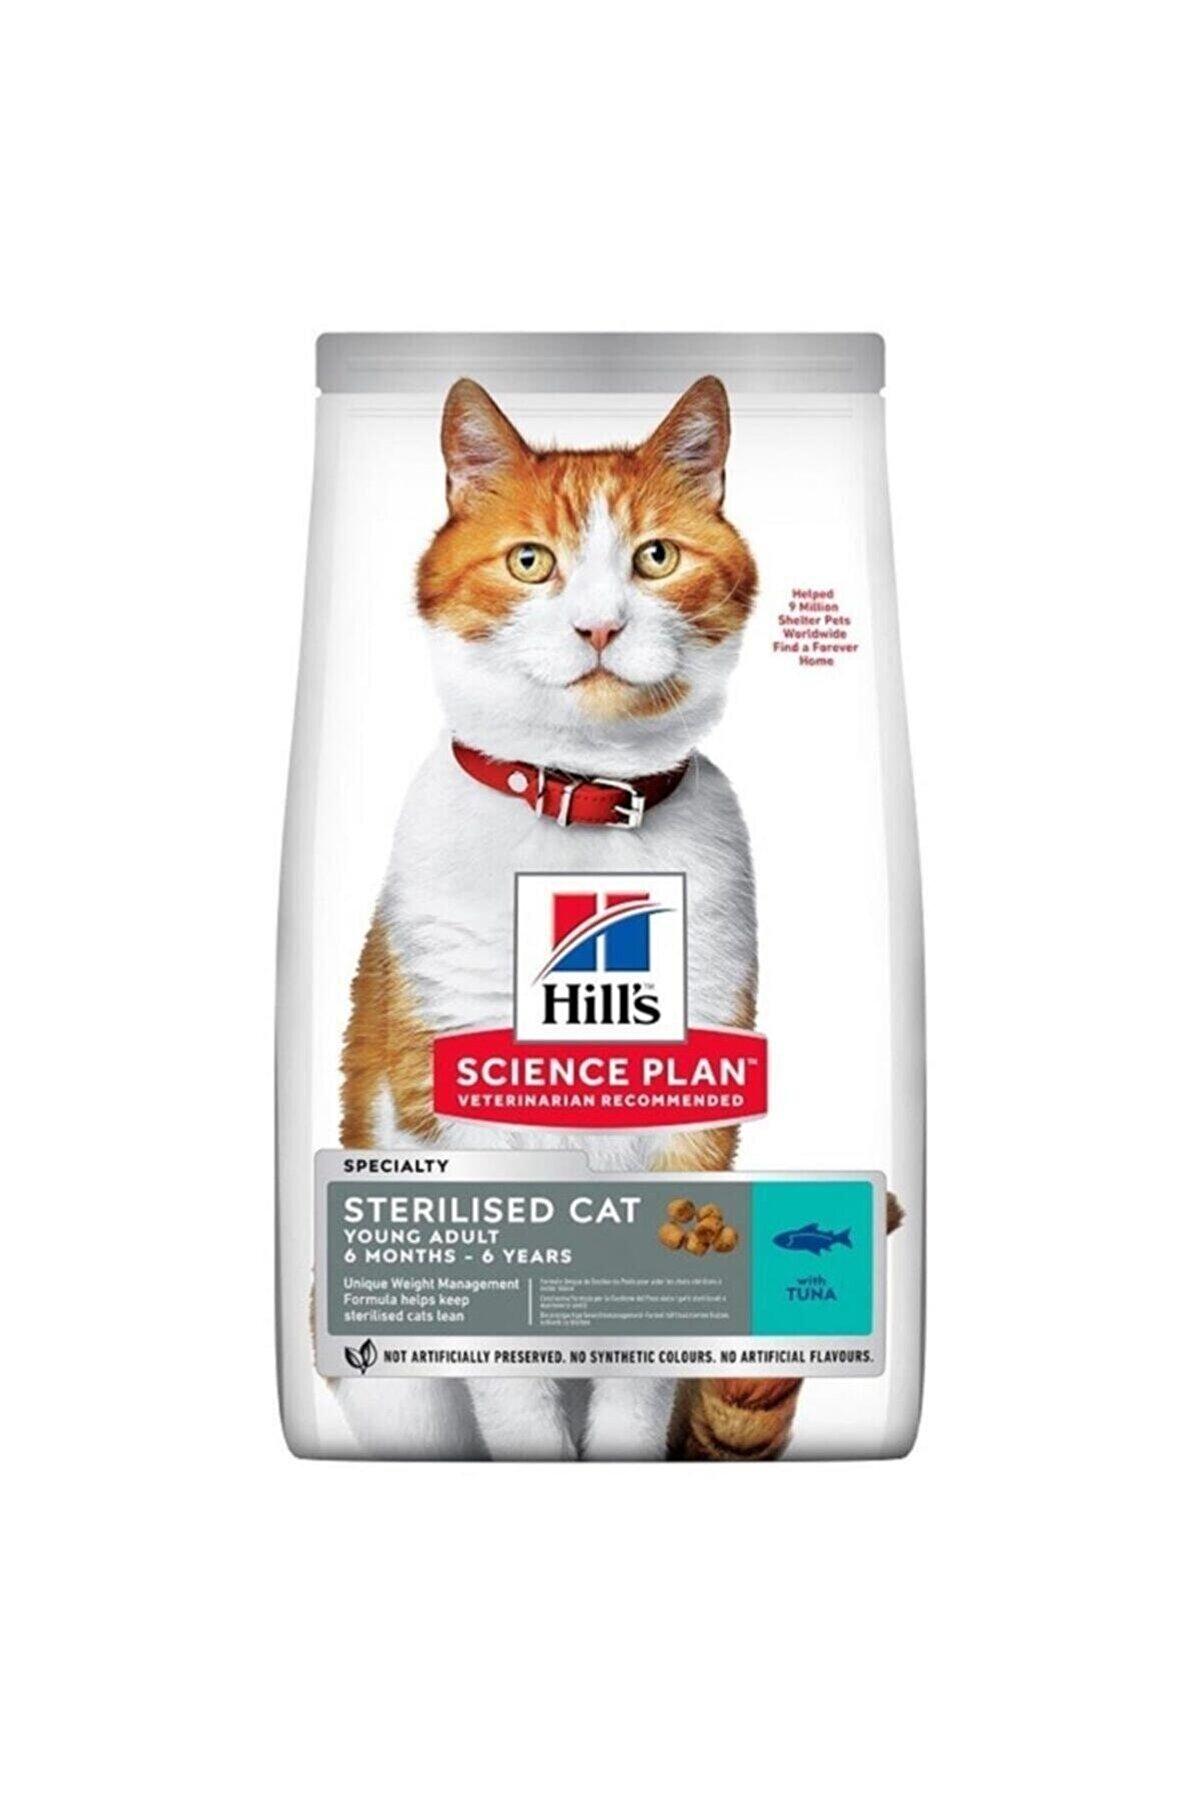 Hills Science Plan Adult Kısırlaştırılmış Kediler Için Tuna Balıklı Kedi Maması - 1,5 Kg